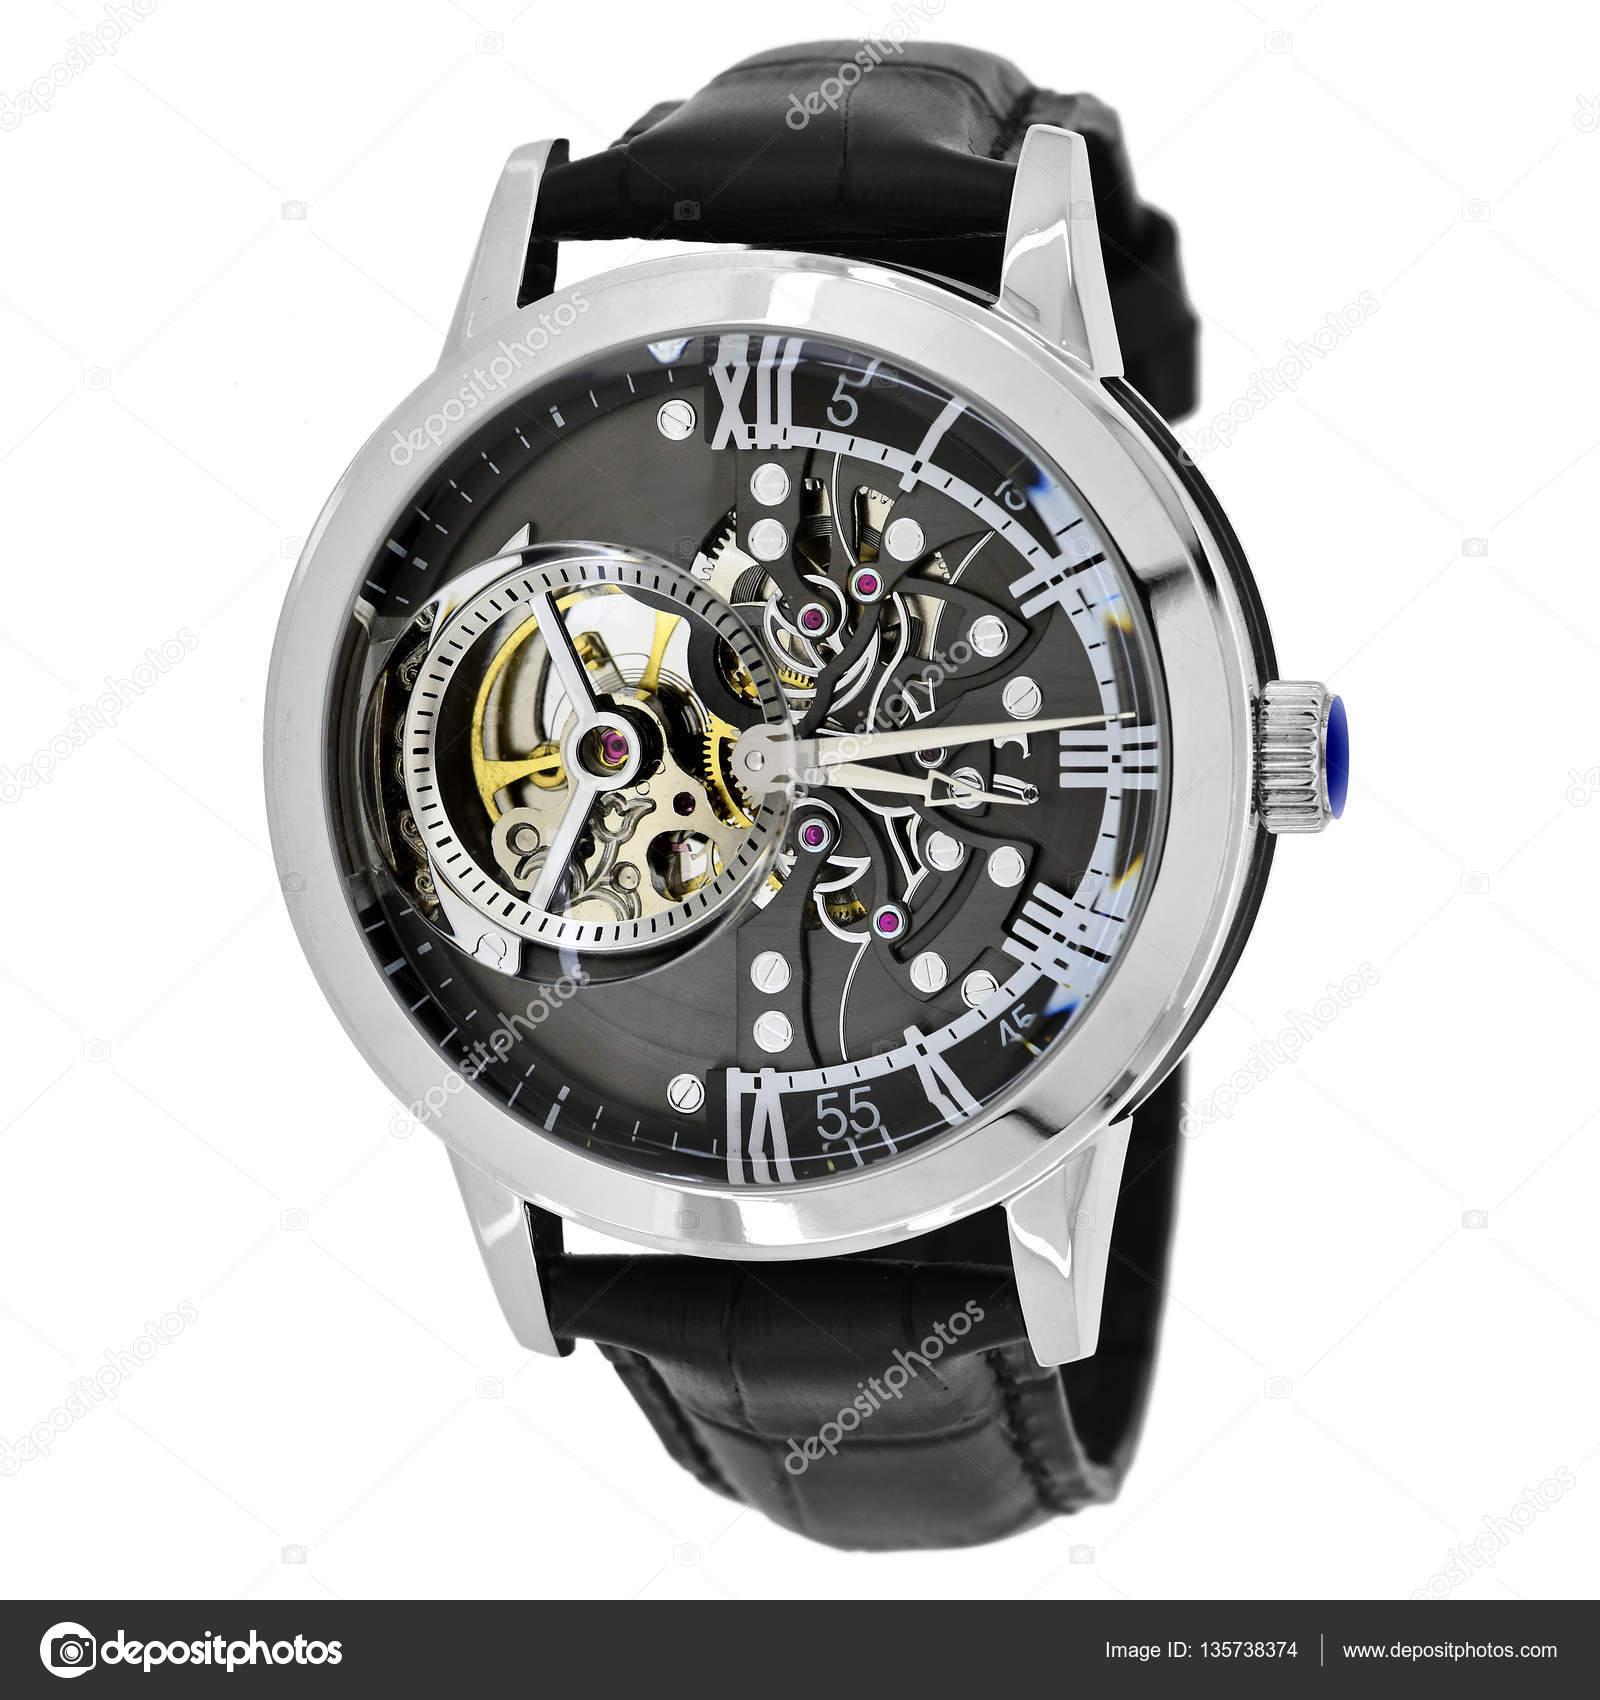 9b37f433c1af Relojes para hombre y mujer reloj reloj al aire libre movimiento de la  muñeca - relojes muñeca hombre — Foto de ...